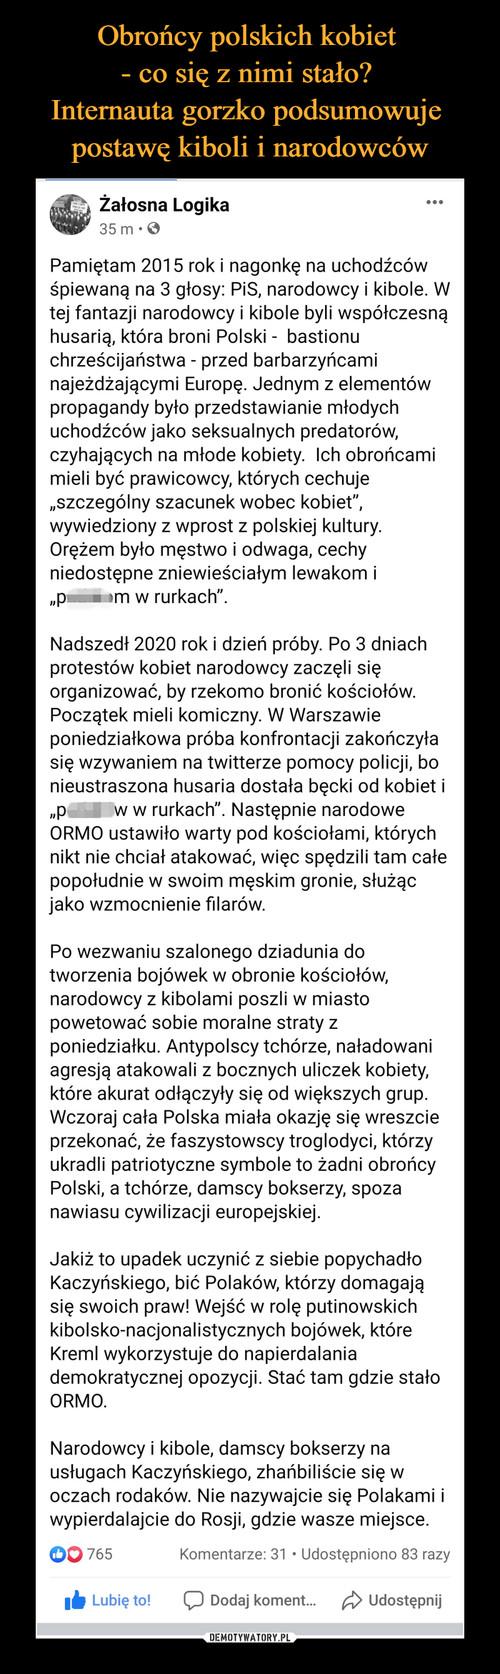 Obrońcy polskich kobiet  - co się z nimi stało?  Internauta gorzko podsumowuje  postawę kiboli i narodowców